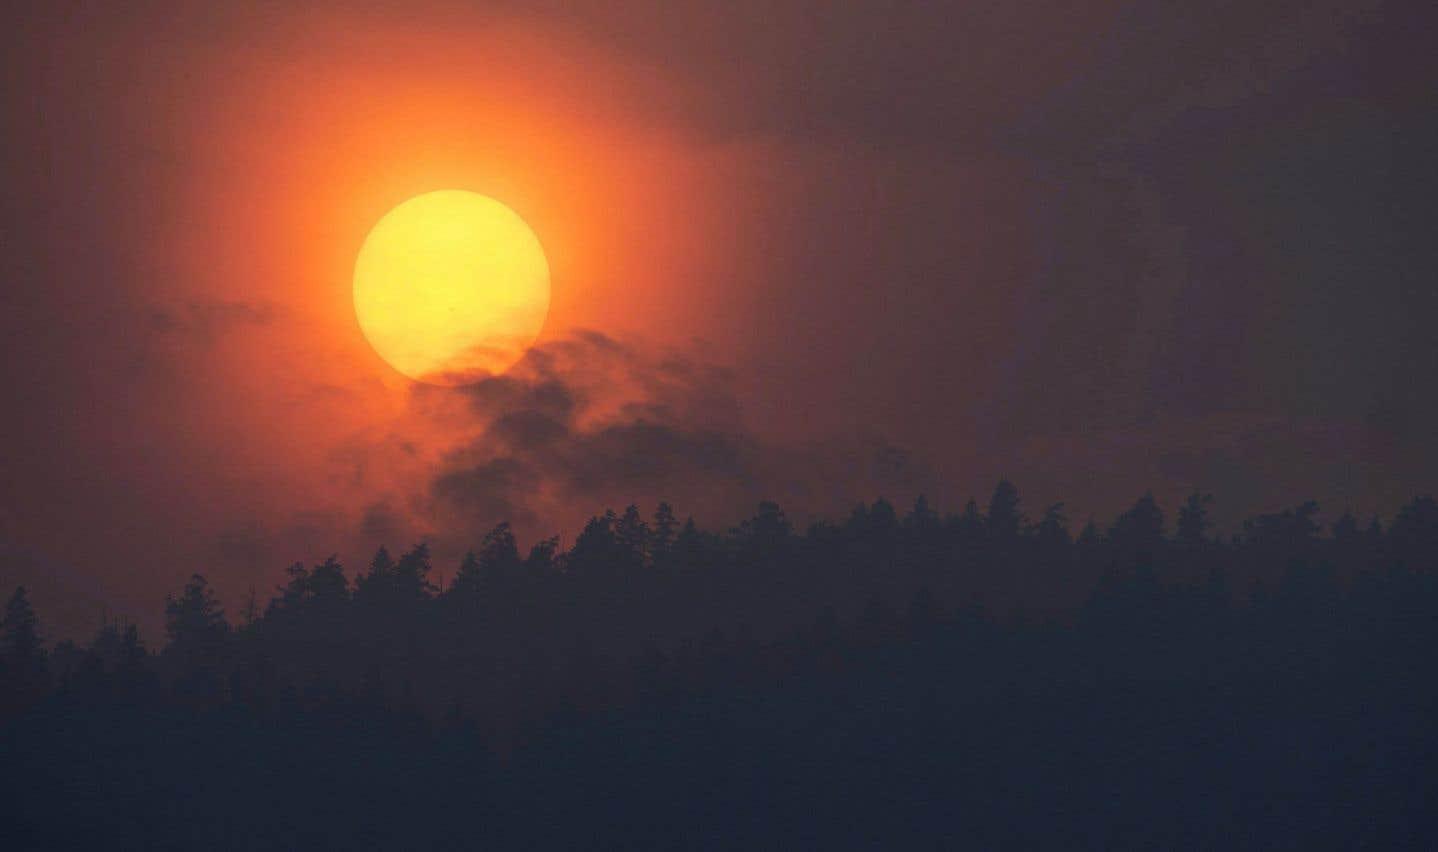 Un répit météorologique pourrait aider à contrôler les incendies en C.-B.